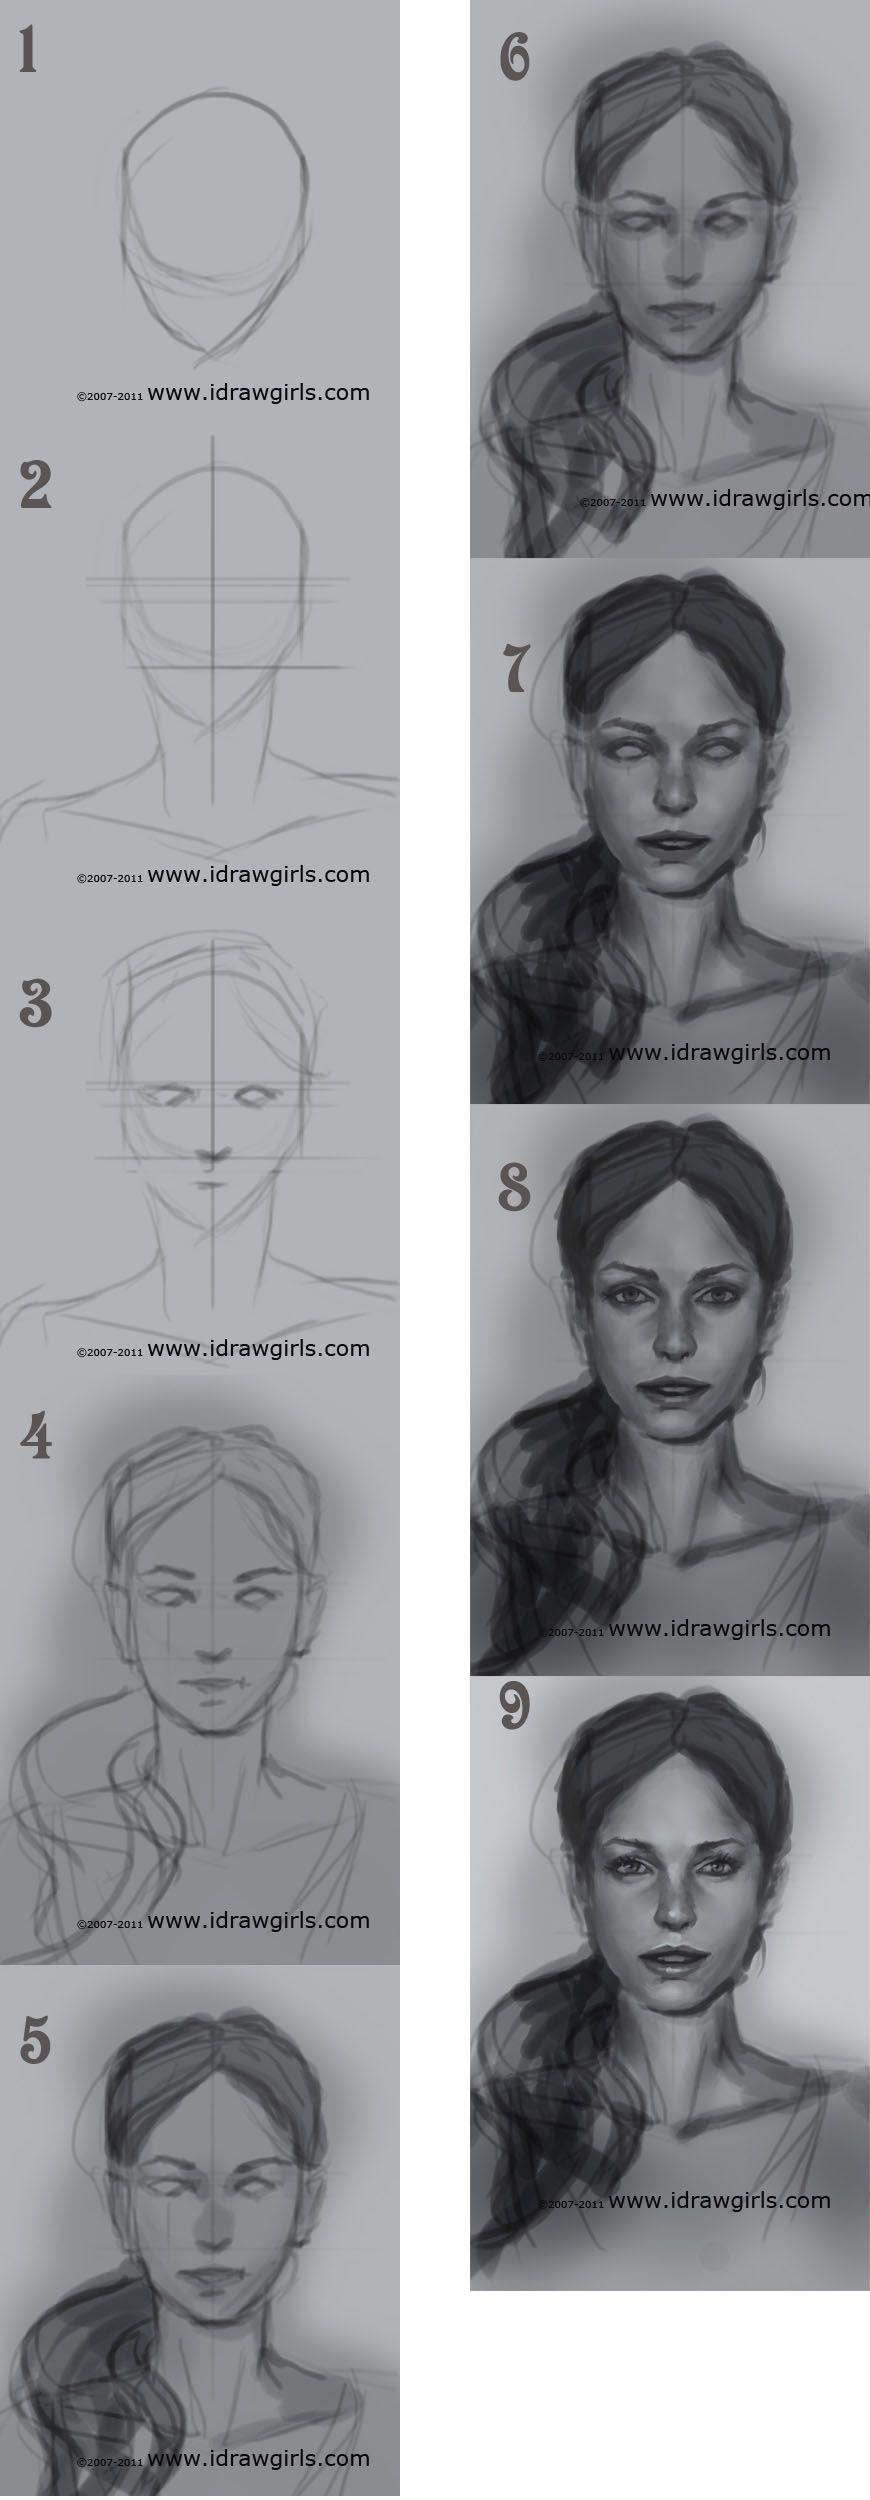 How To Draw A Female Face Desenhos Realistas Ideias Esboco Melhor Desenho